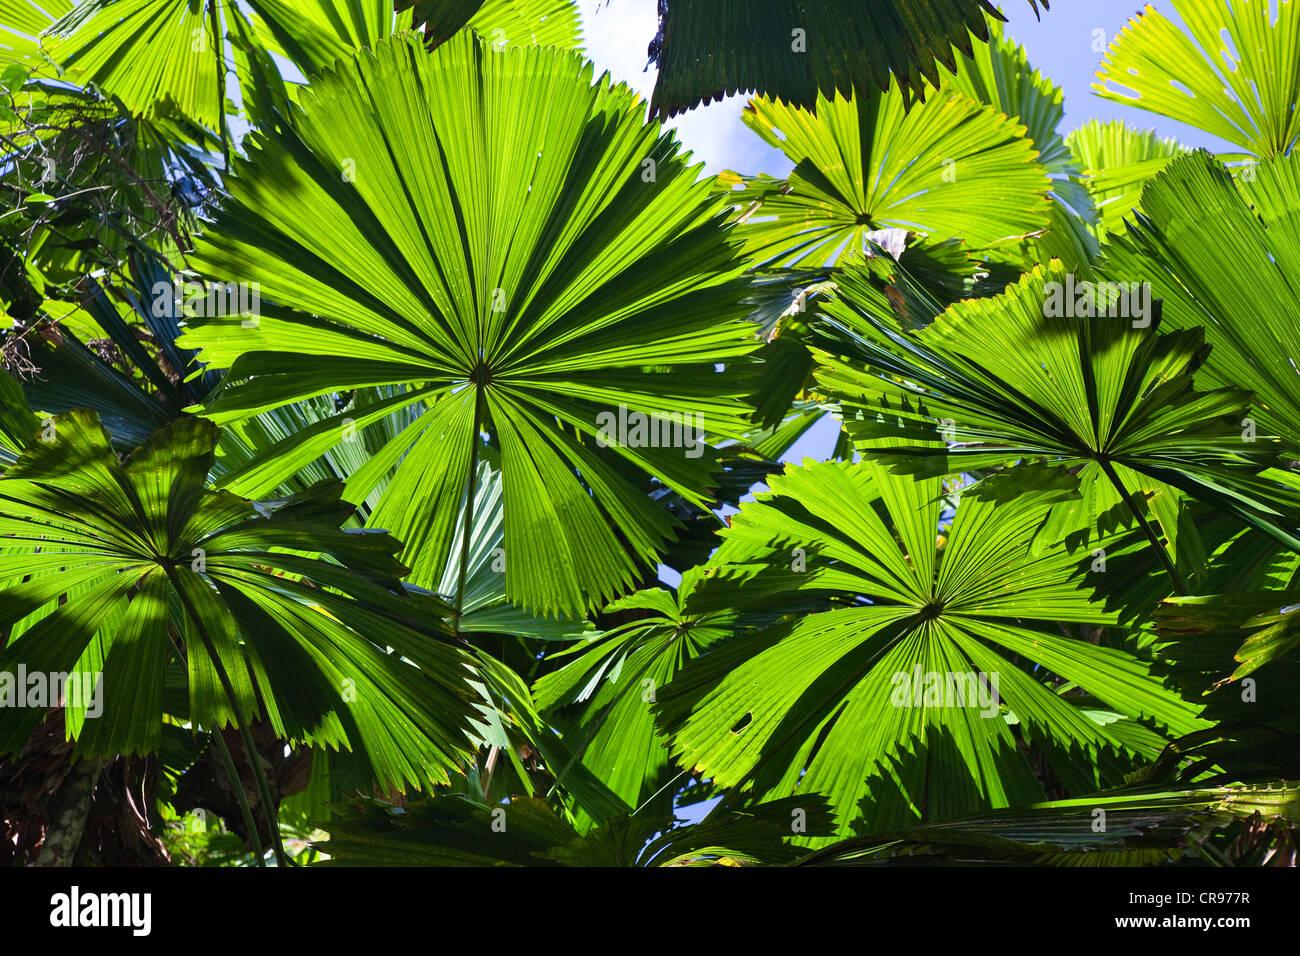 Palmiers australiens (Licuala ramsayi) dans la forêt tropicale, Mission Beach, Queensland du nord, Australie Photo Stock